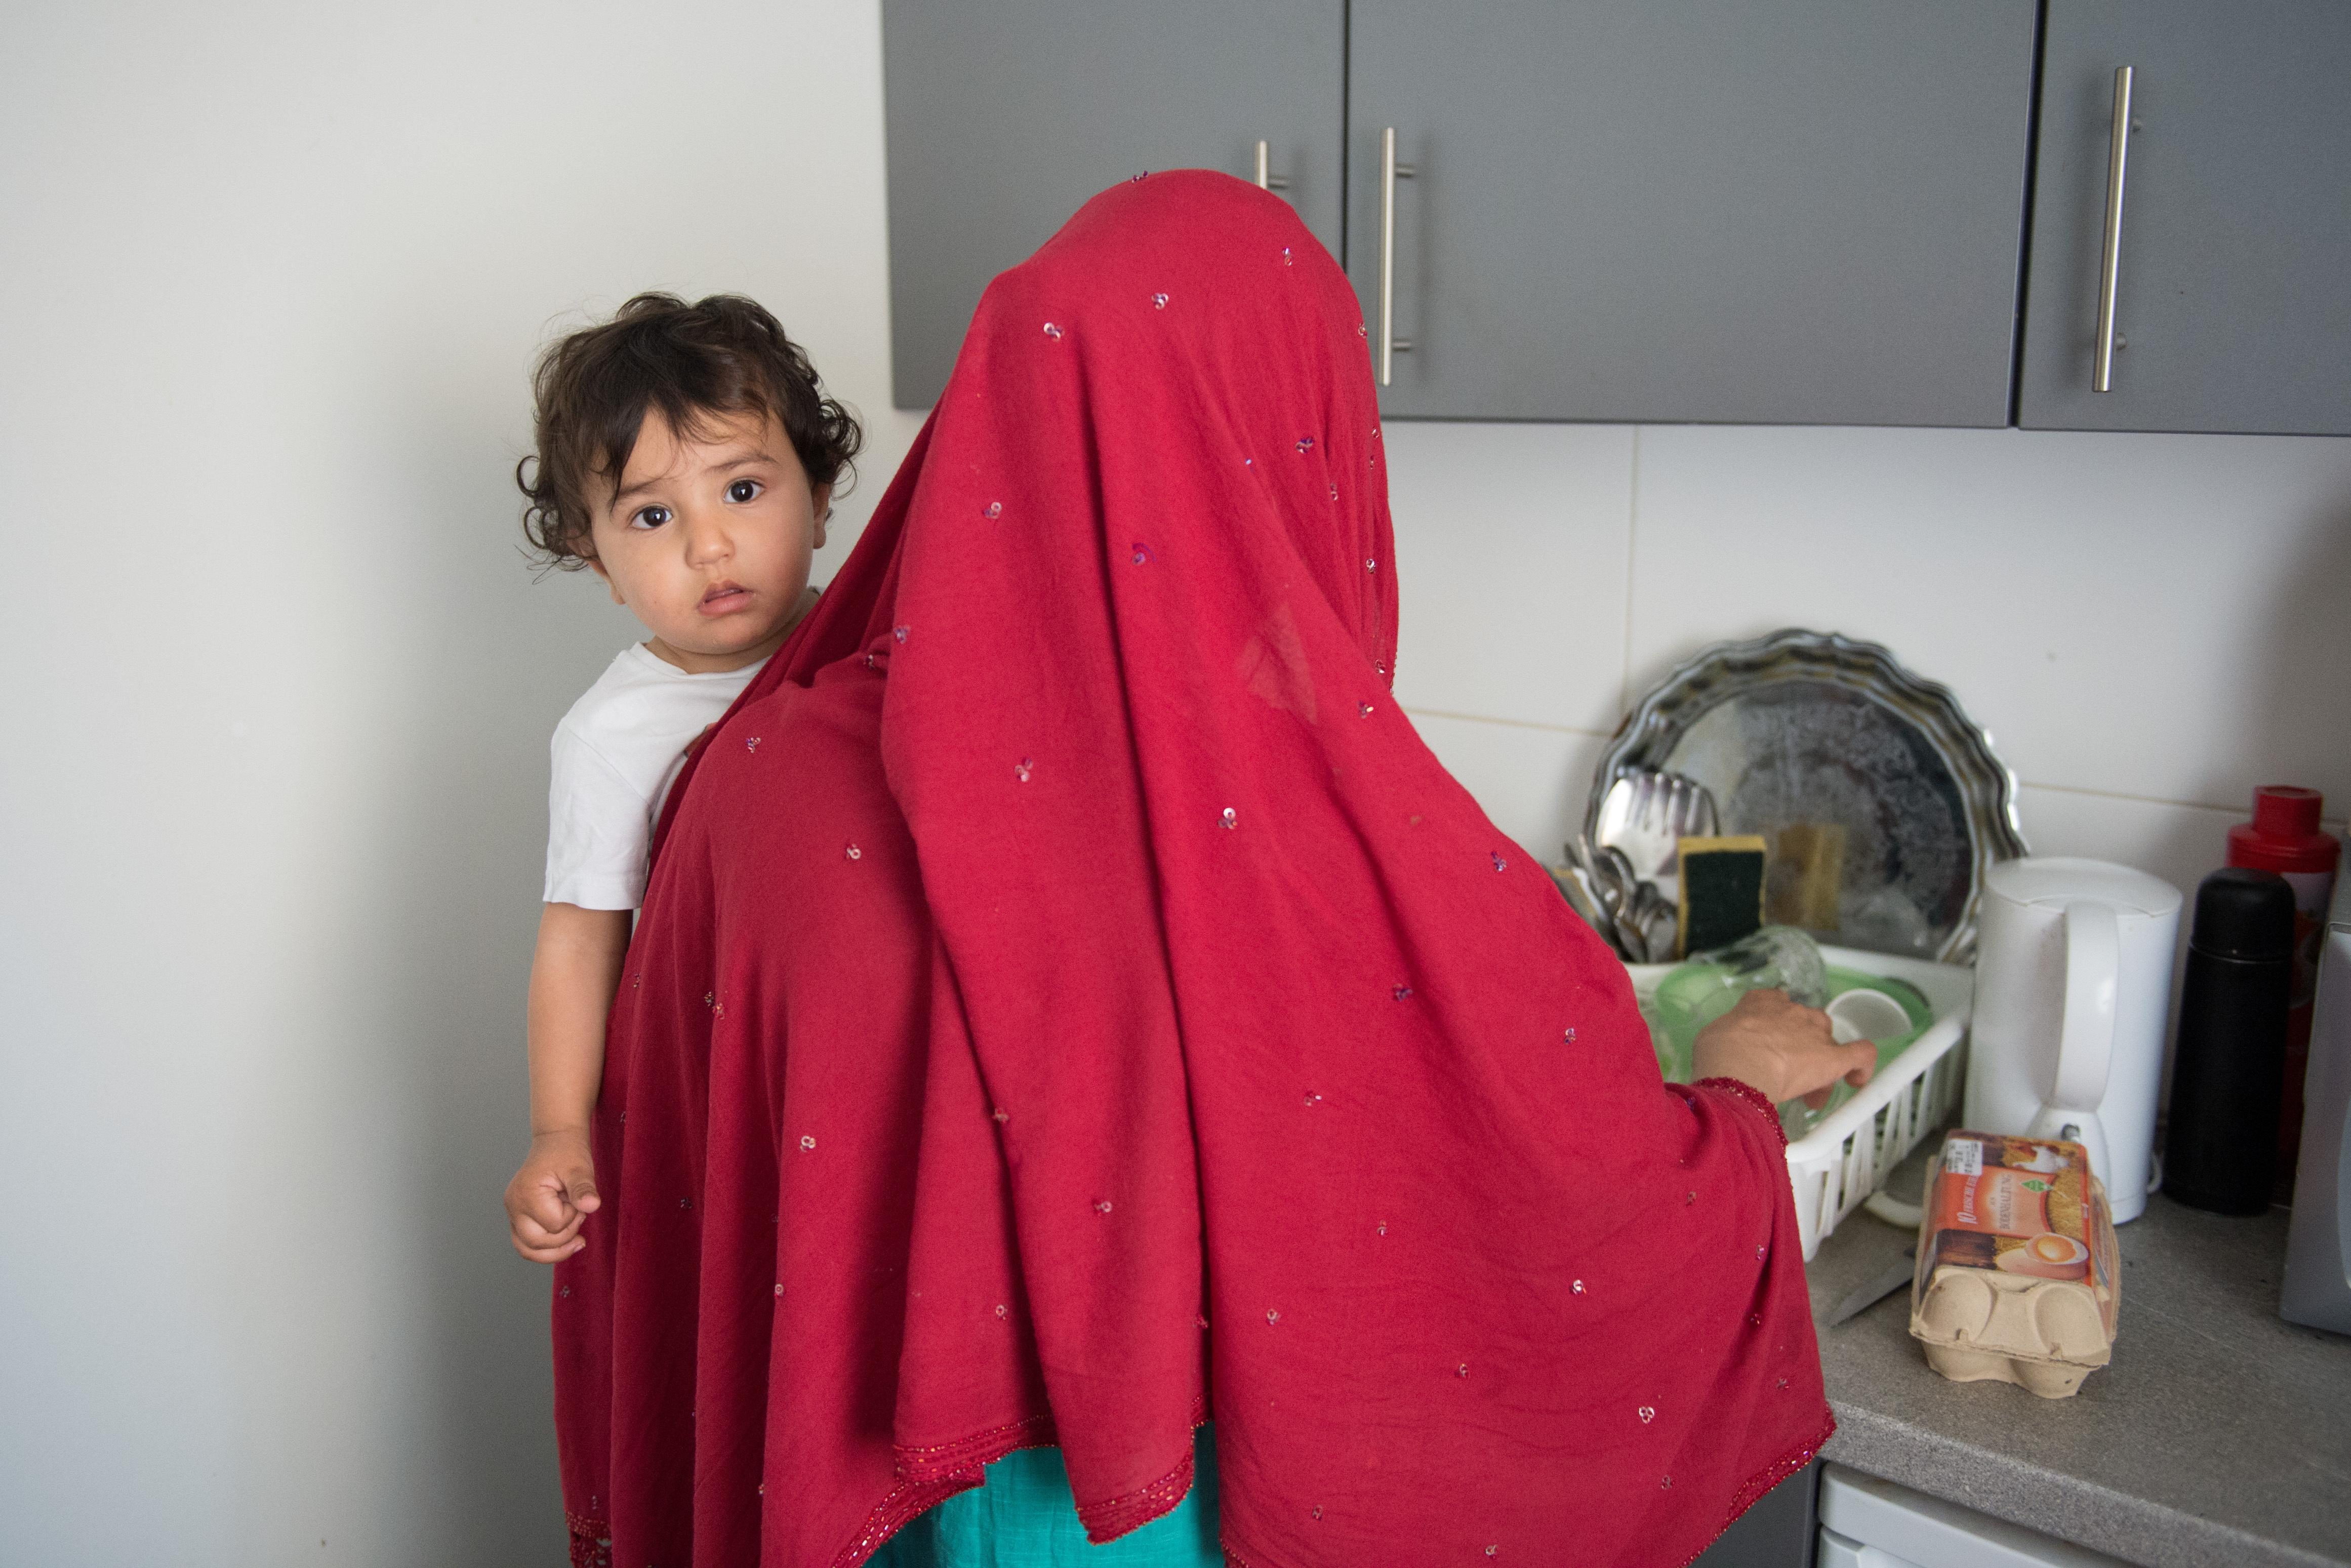 Experten fordern eine massive Ausweitung des öffentlichen Wohnungsbaus für die Unterbringung von Flüchtlingen.